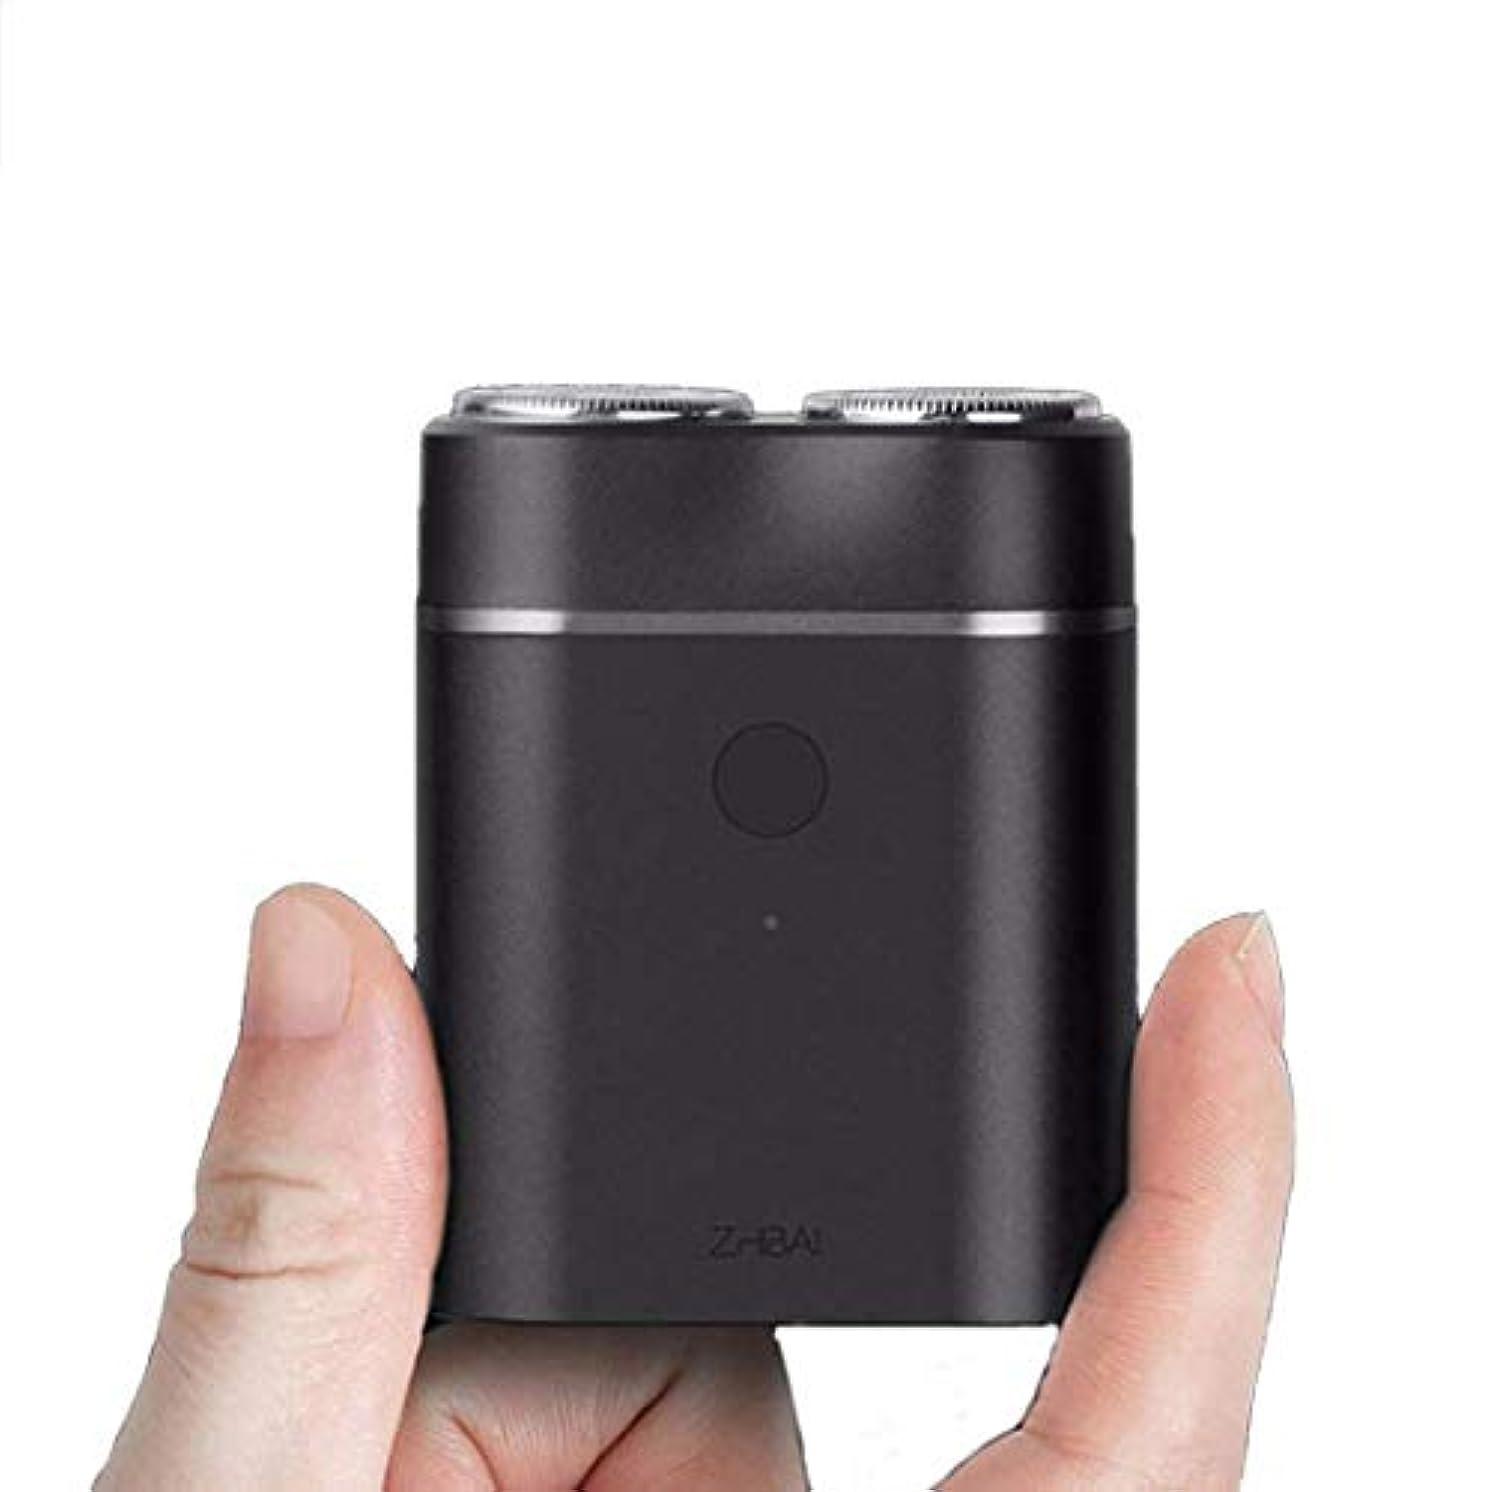 男性用電気かみそりぬれた乾いた痛みのない男性用かみそり電気コードレスロータリーかみそり電気かみそり防水IPX7 USB充電式旅行用または家庭用